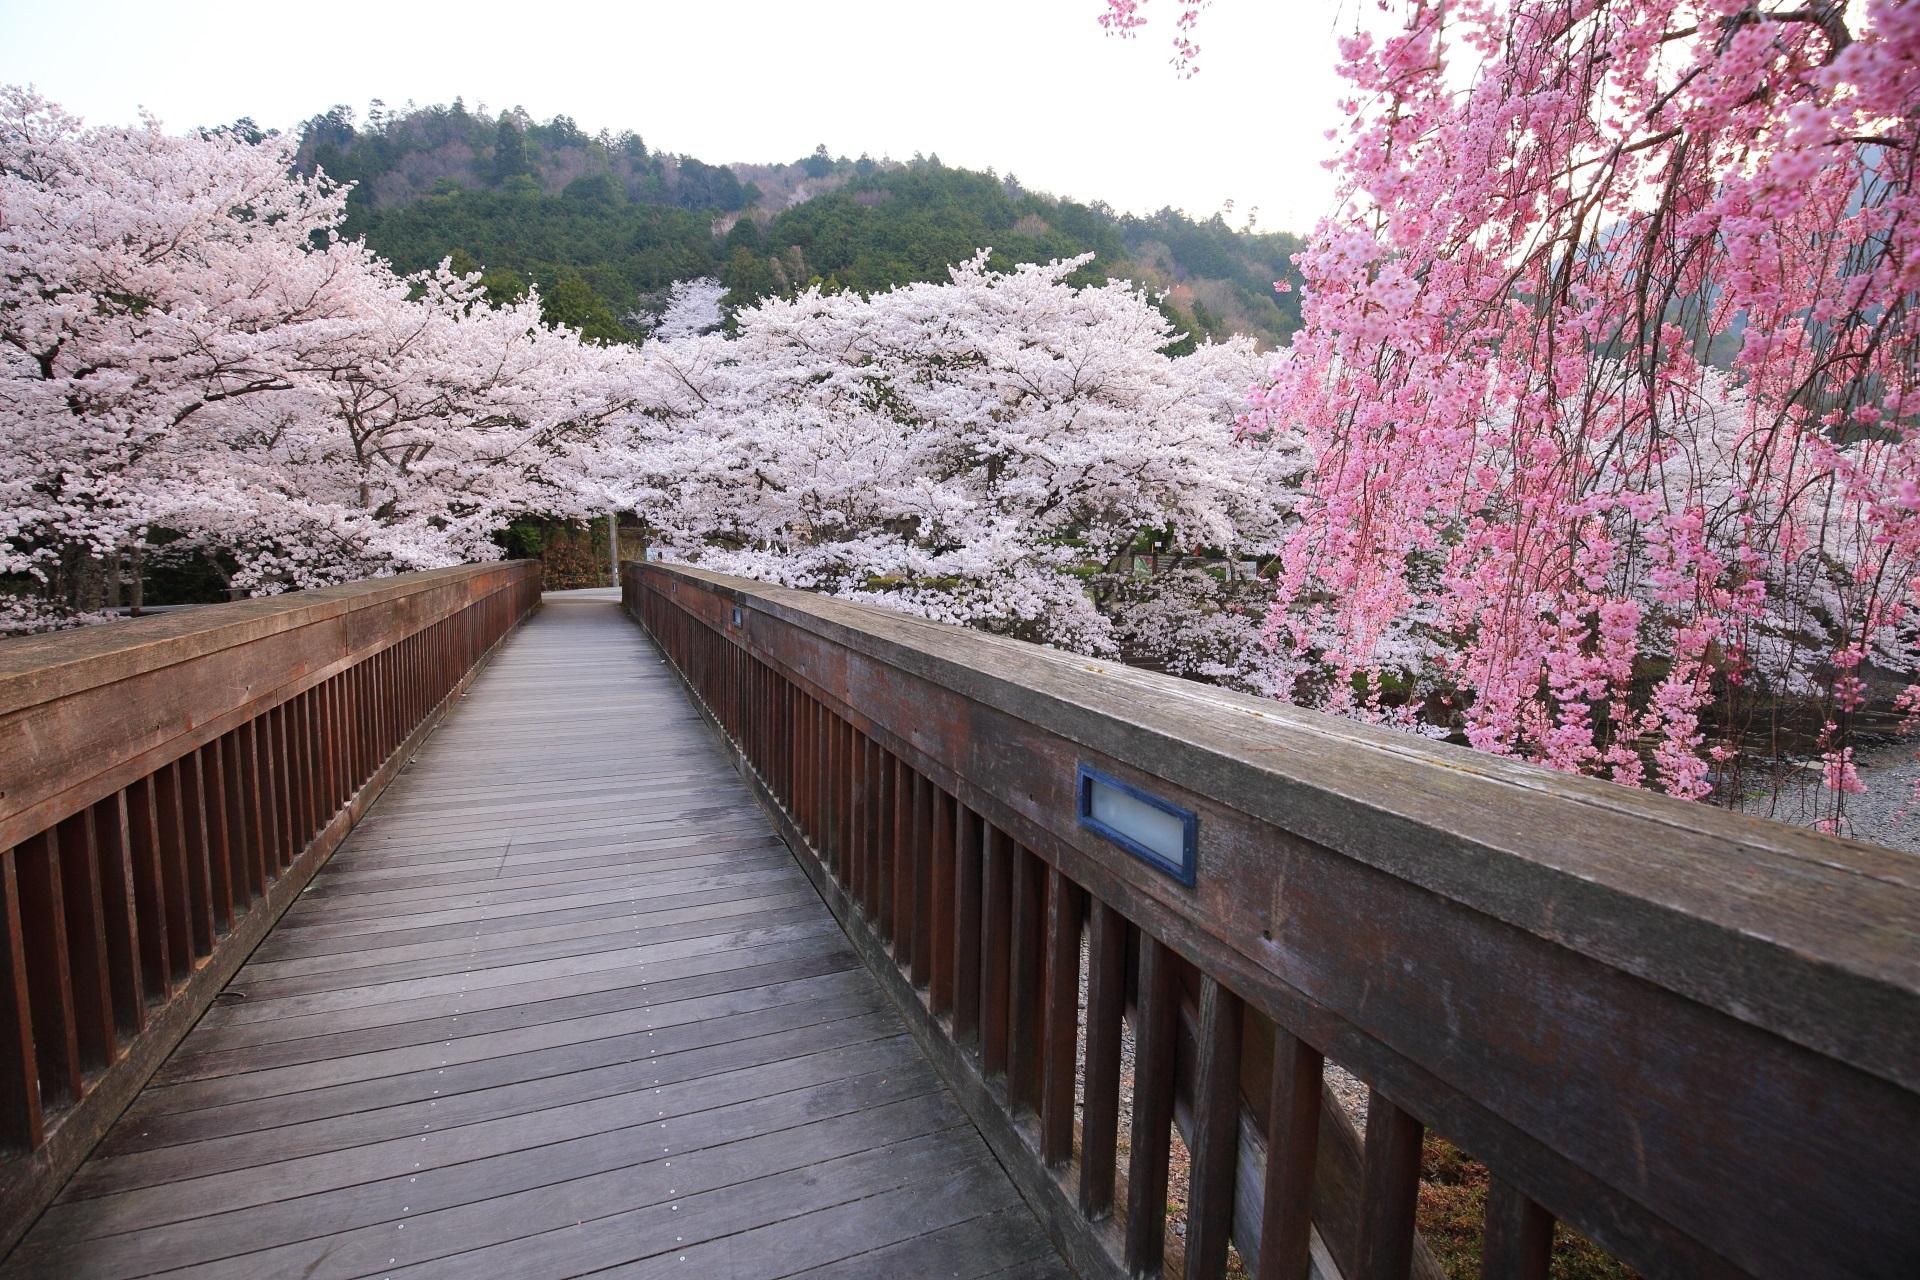 七谷川の情緒ある白とピンクの春色